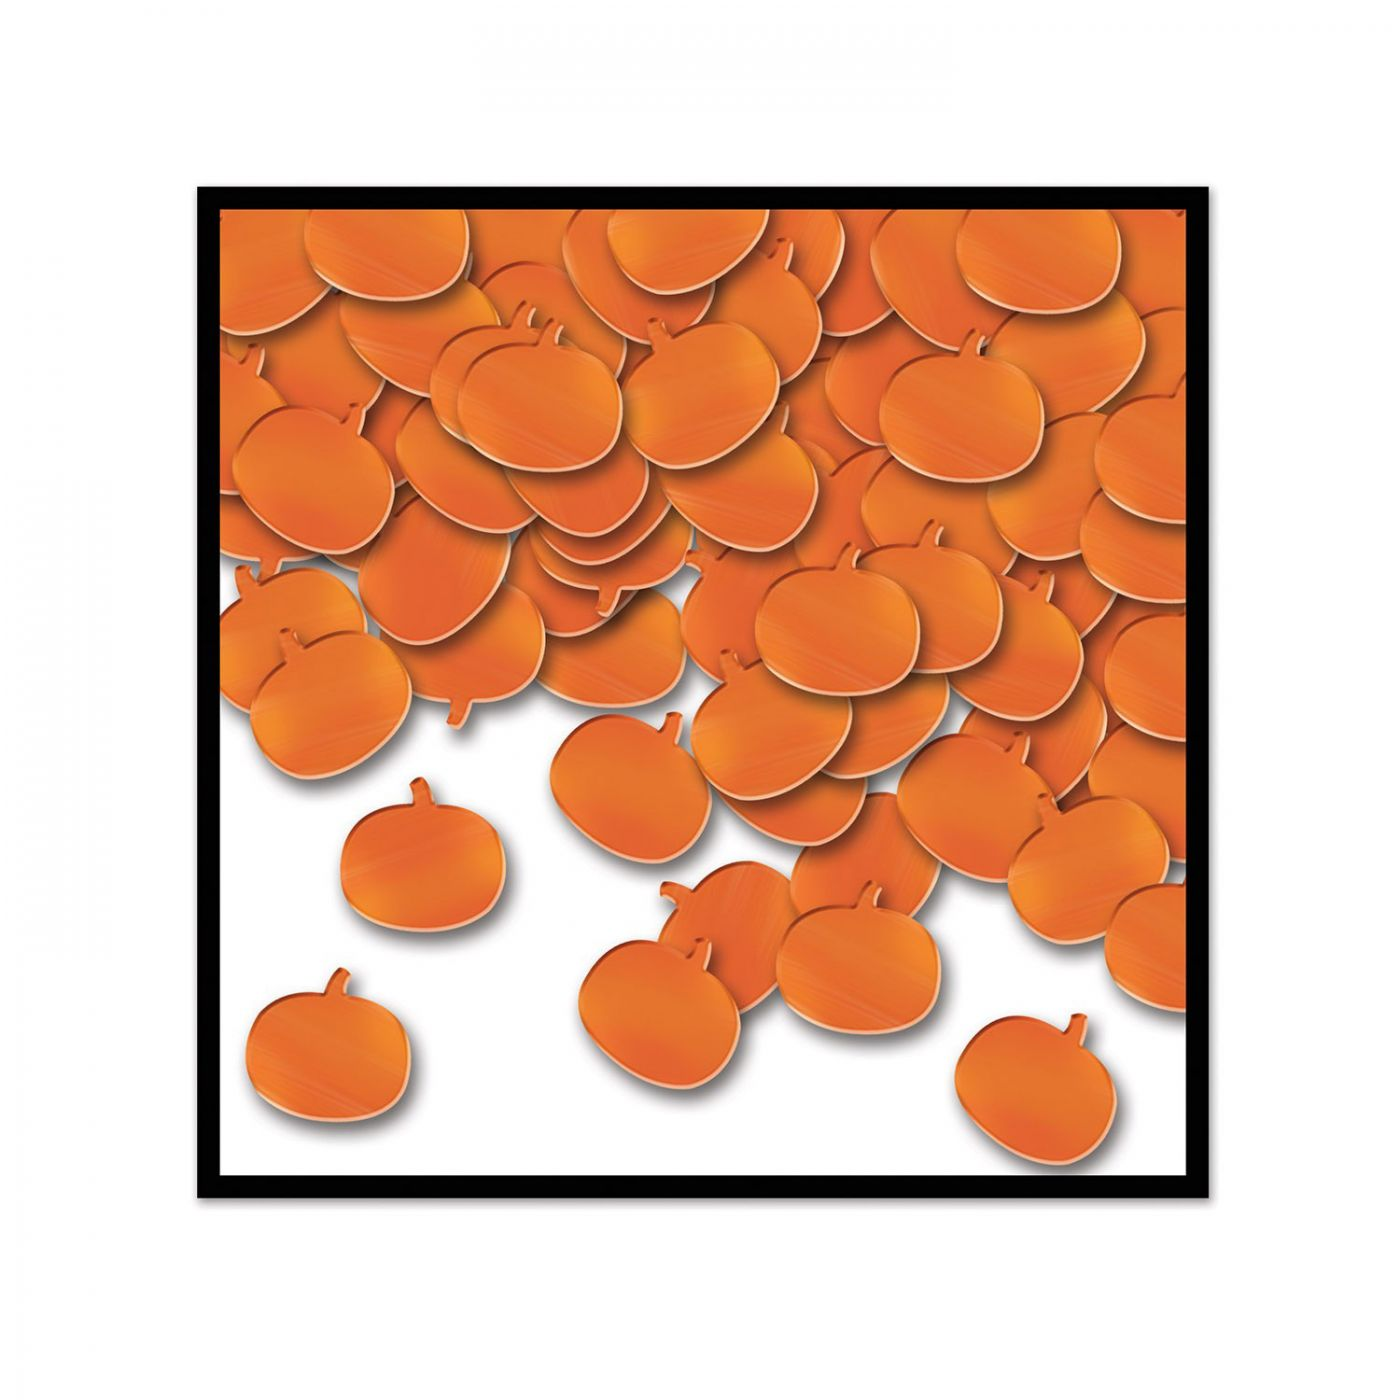 Fanci-Fetti Pumpkins image